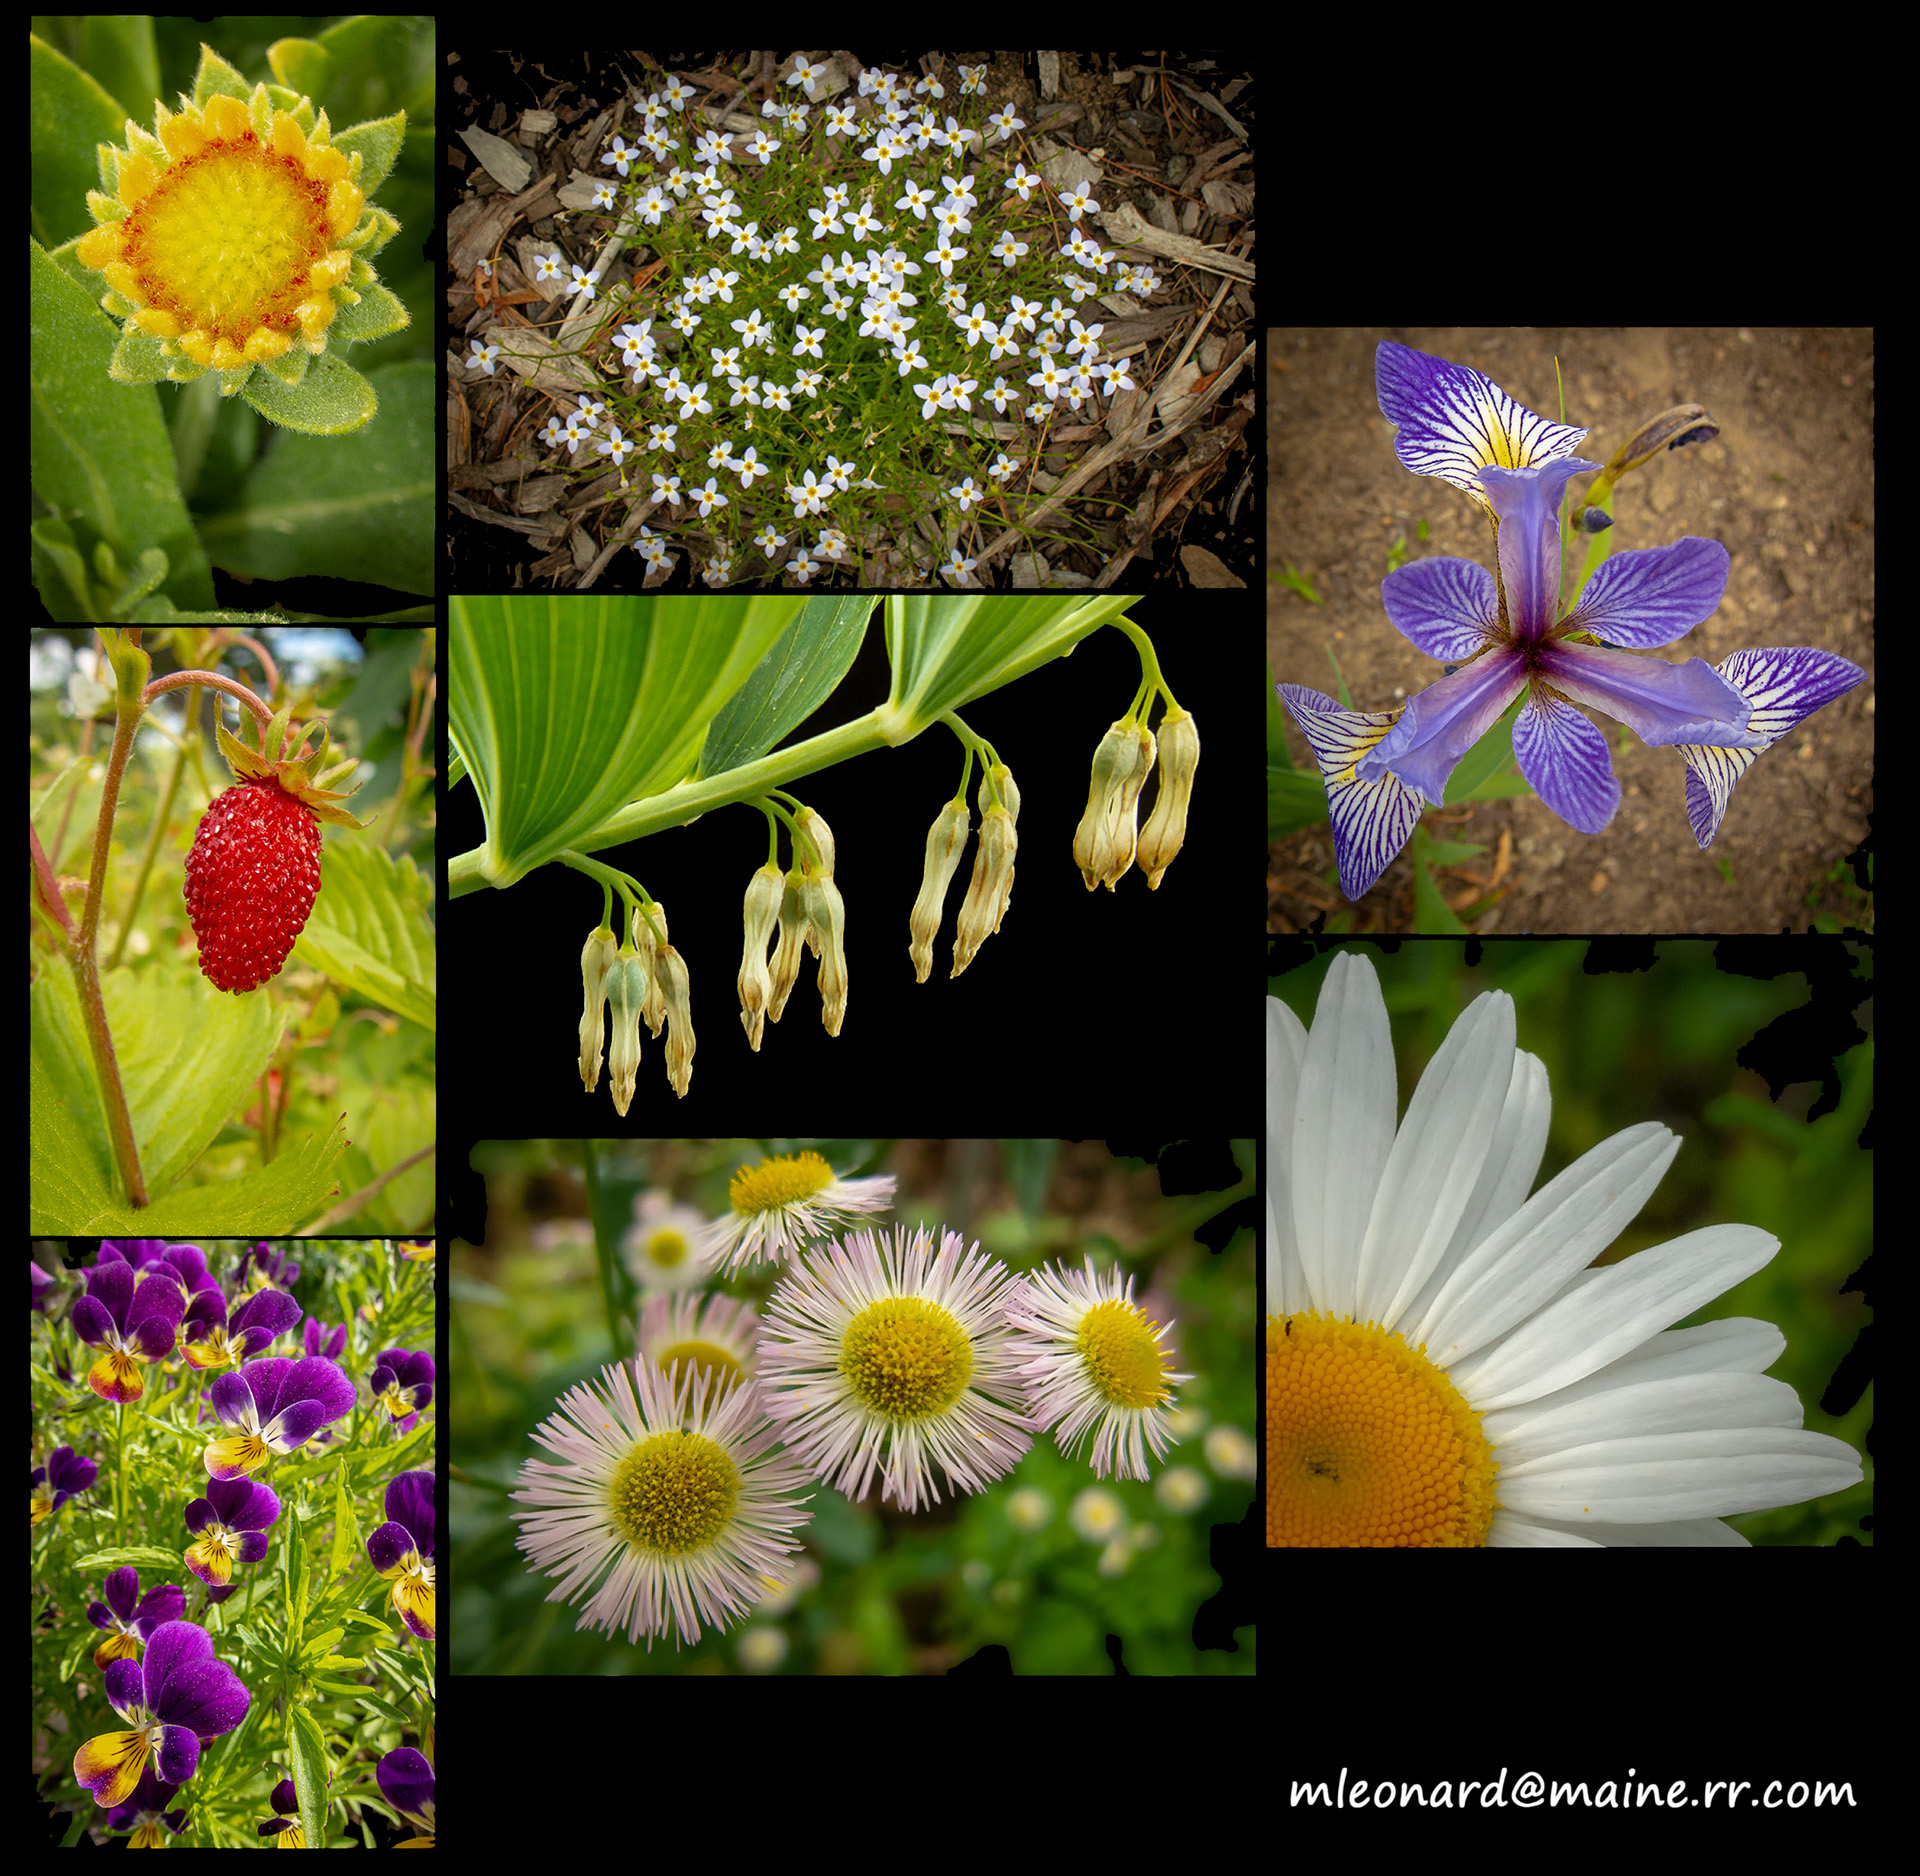 Garden composite 1 - Garden composite (1)